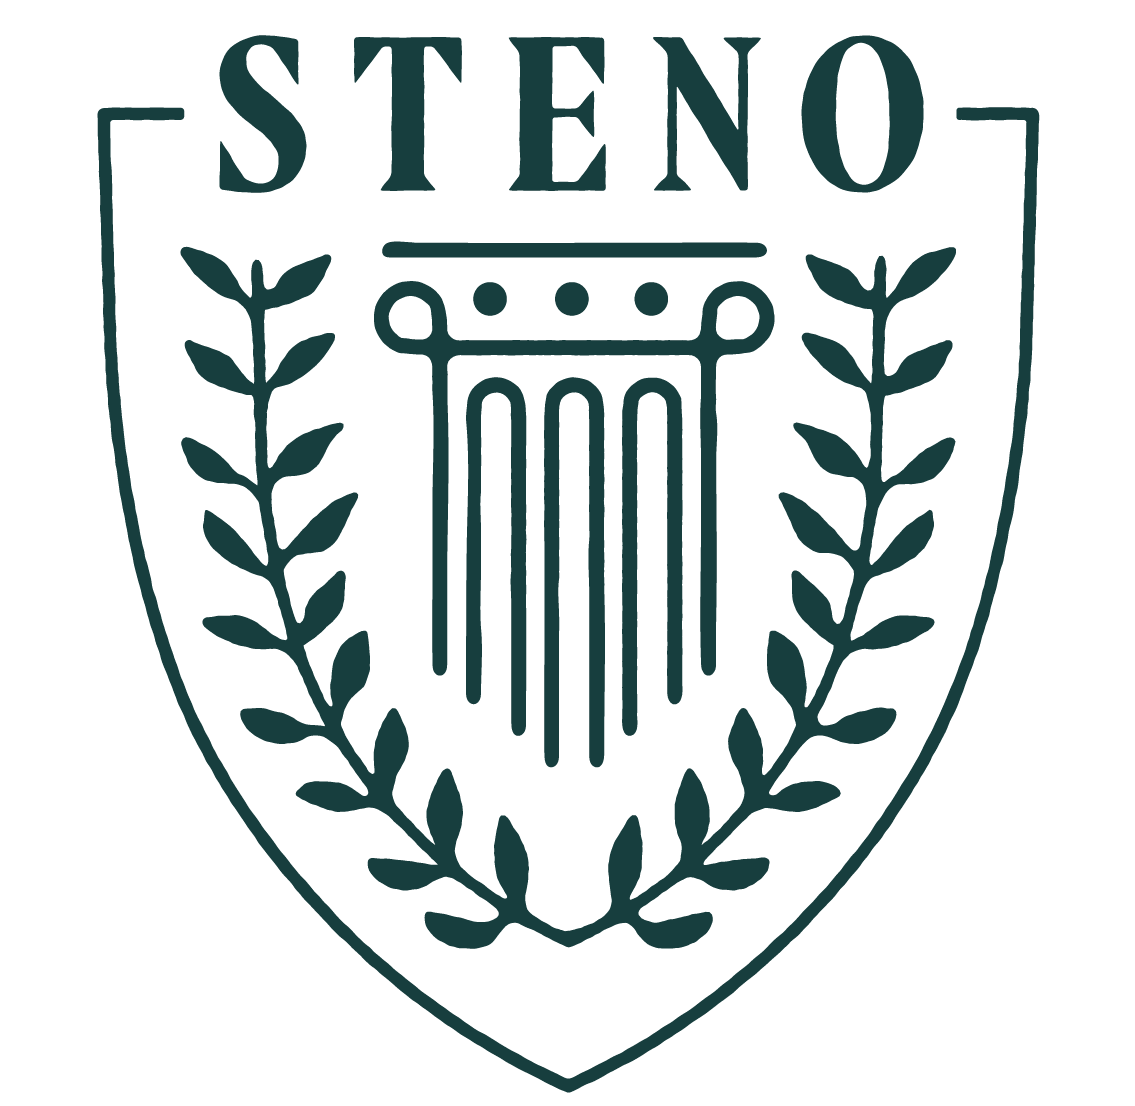 Steno